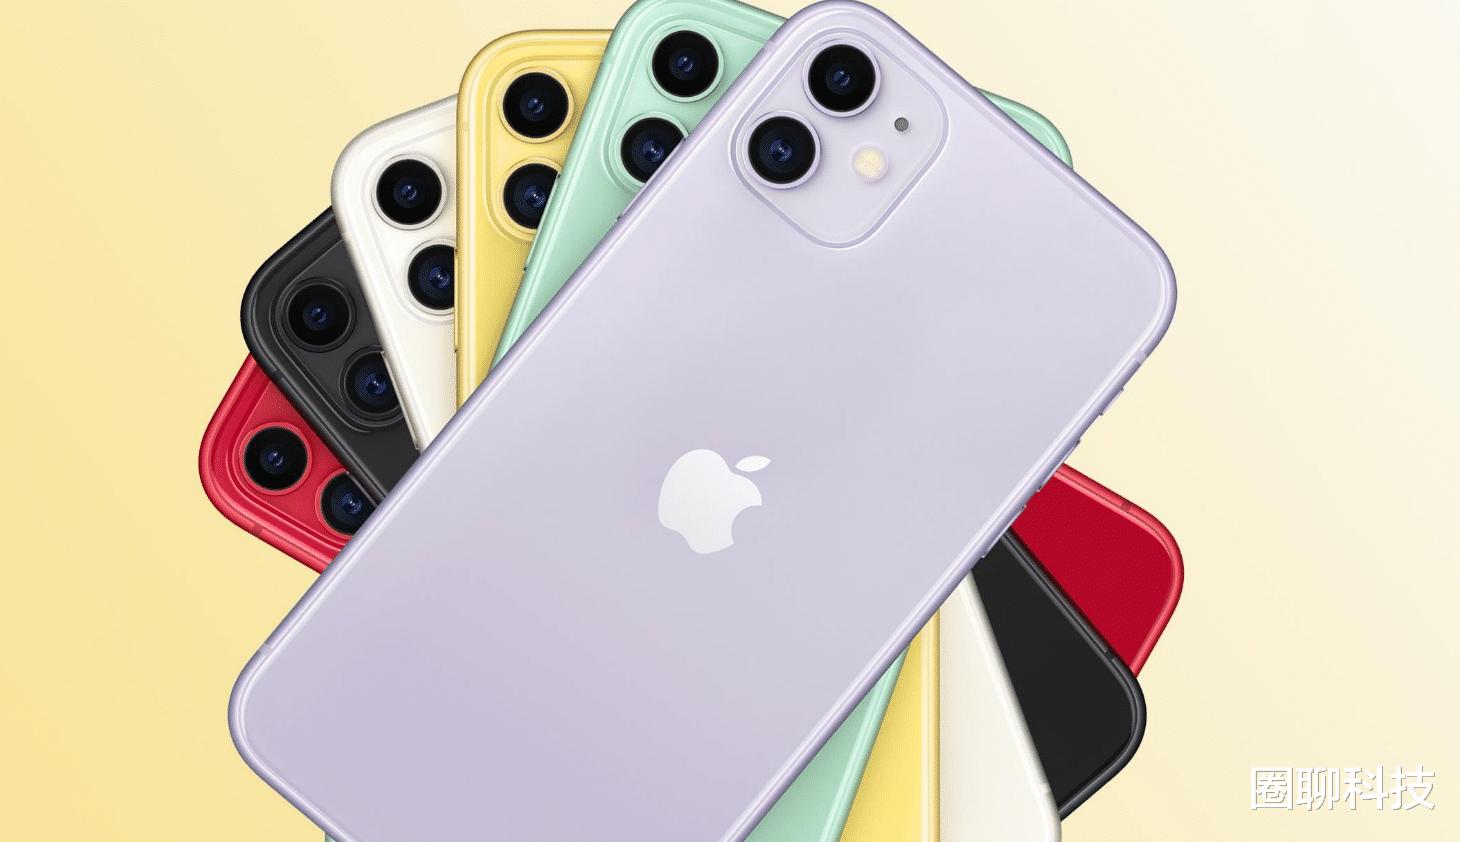 iPhone11销量迎反转!价格涨了为何还成销量王? 数码科技 第2张